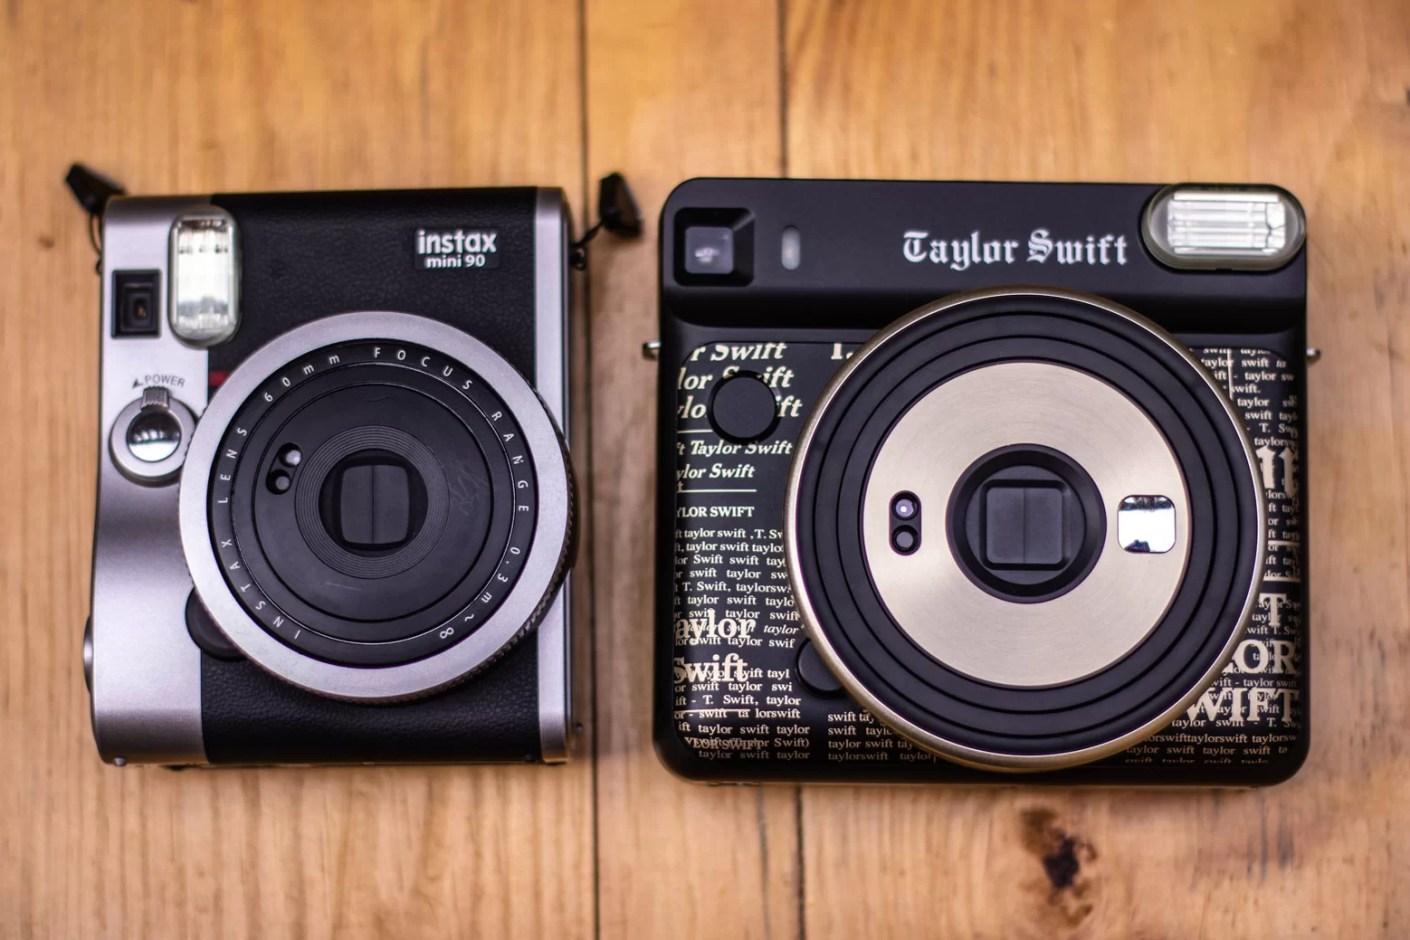 Comparando as duas câmeras